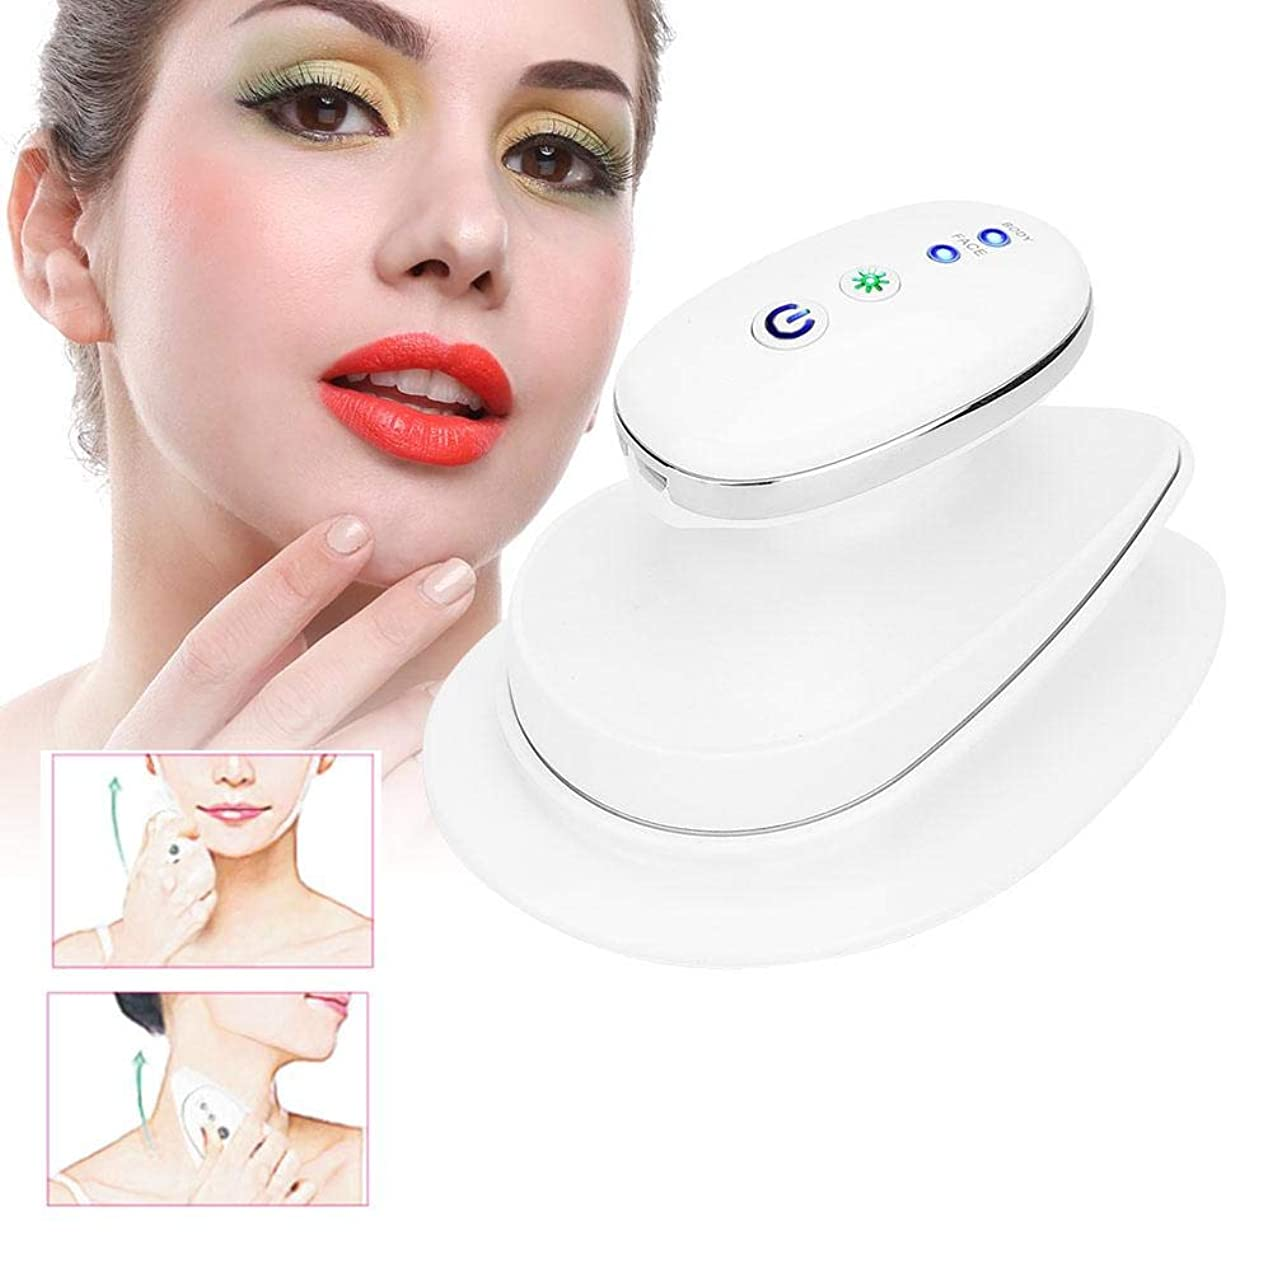 サドル手紙を書くバウンド顔のマッサージ機、浮腫の引き締めのしわを引き締める浮腫の除去の皮は美の皮のマッサージャー装置を取除きます